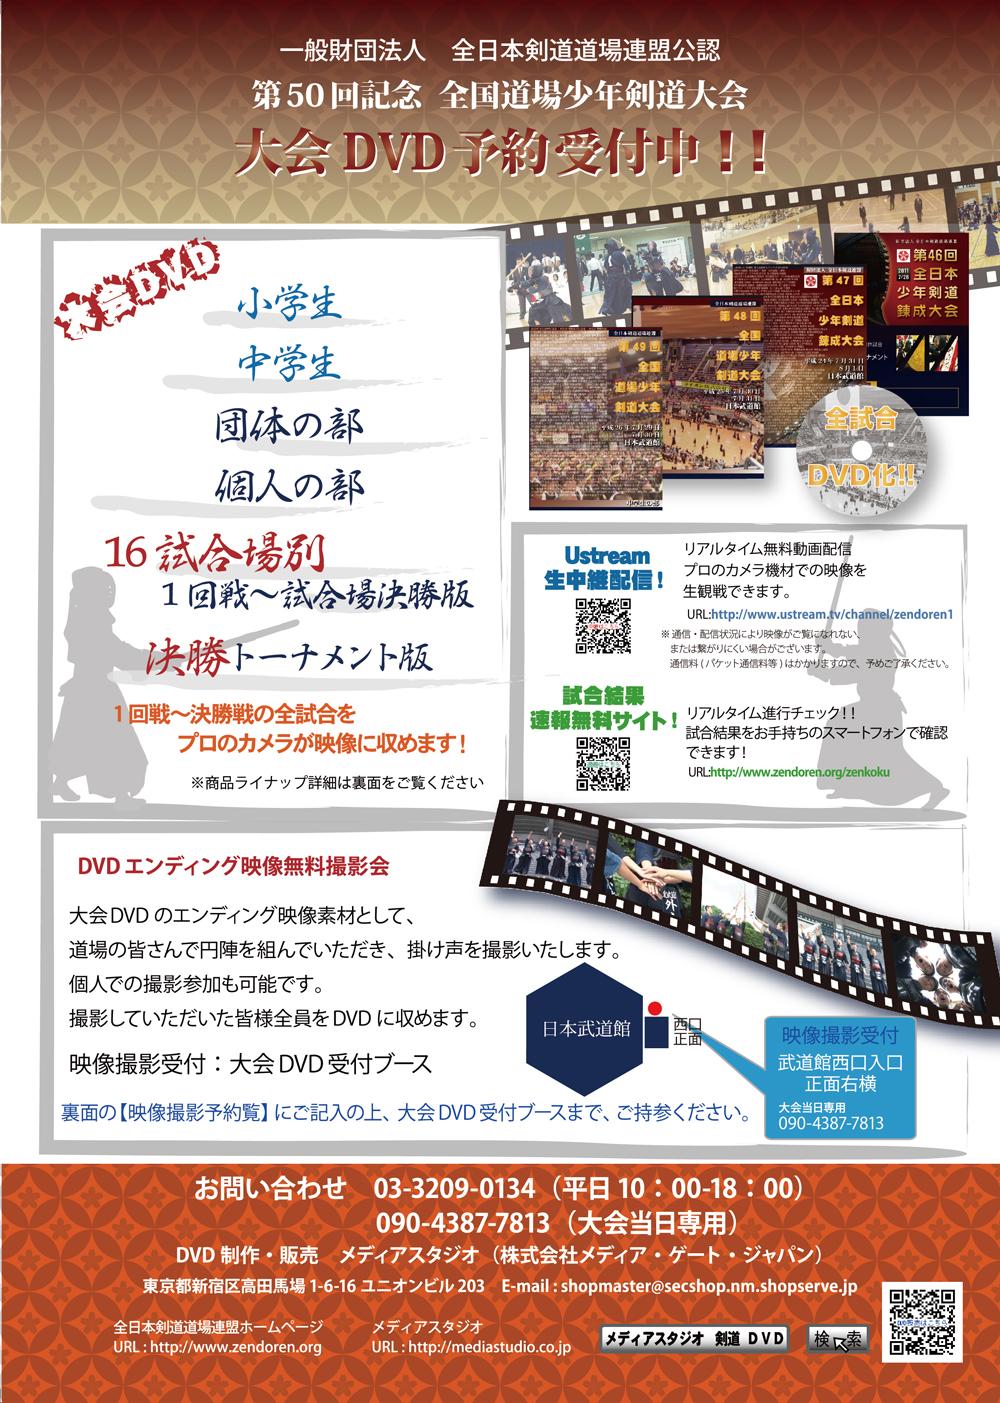 第50回記念 全国道場少年剣道大会 中学生 女子個人 試合場別 1回戦〜決勝戦